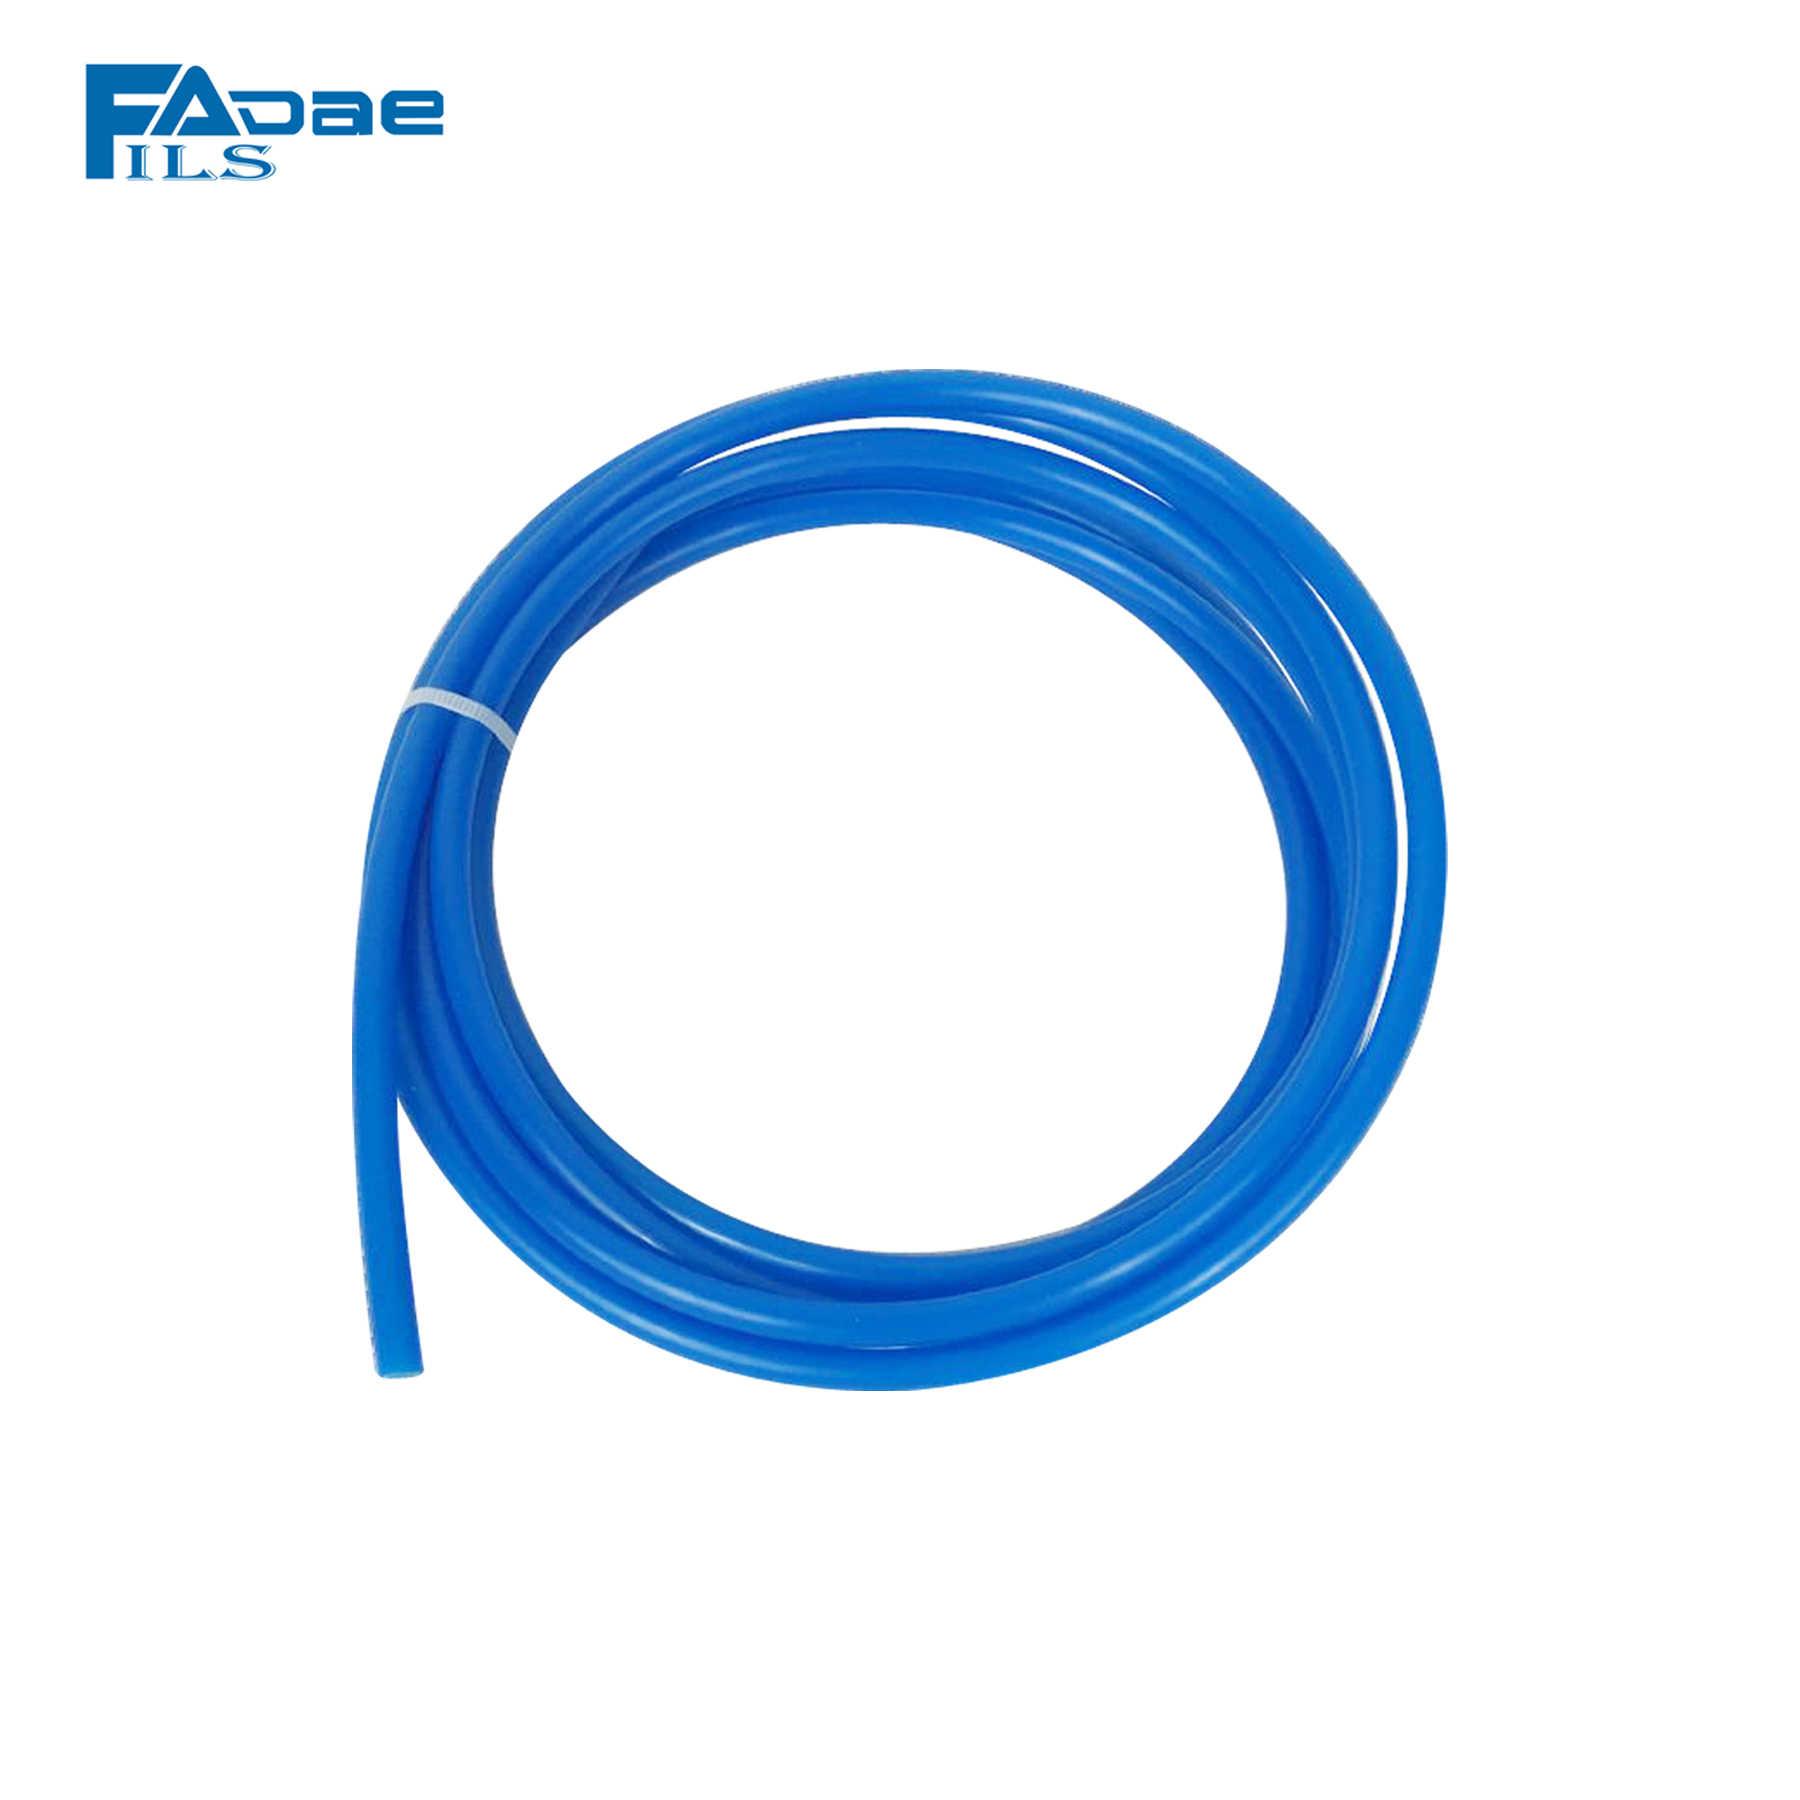 1/4 بوصة PE أنبوب ، 10 متر (30 قدم) طول أنابيب خرطوم الأنابيب ل RO نظام تصفية المياه/Icemaker/موزع مياه-الأزرق